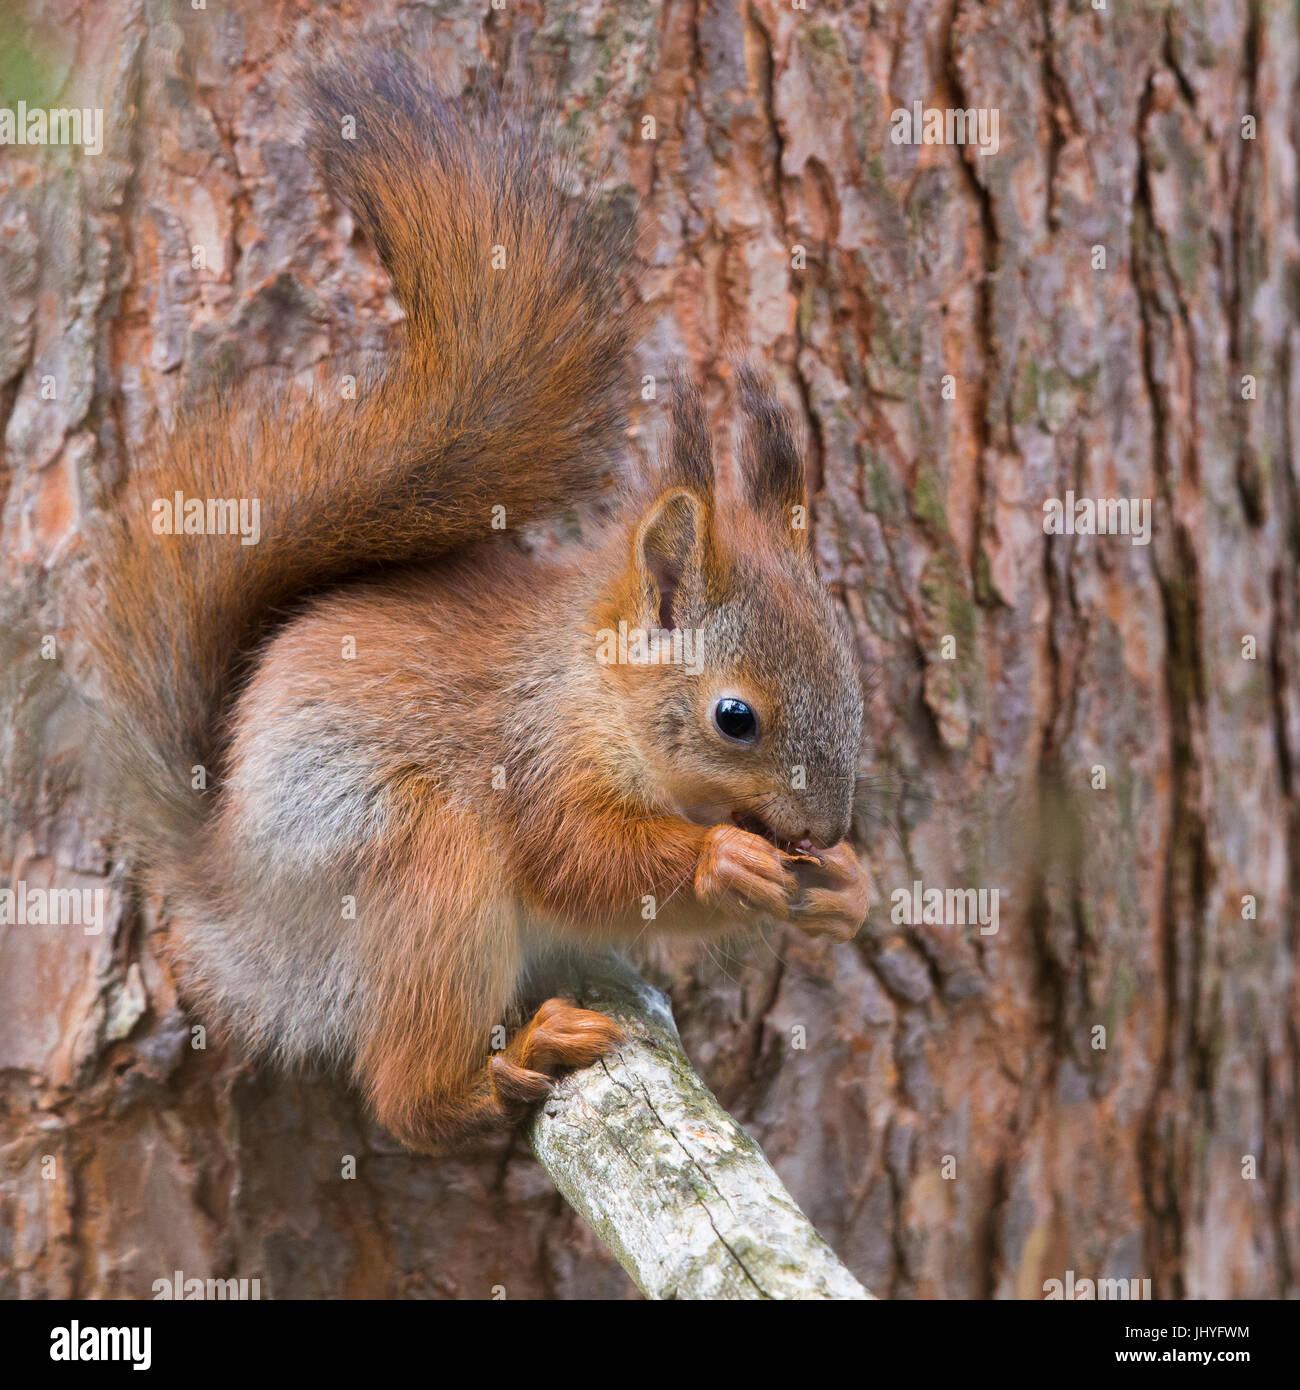 L'Écureuil roux (Sciurus vulgaris), l'alimentation et seeting aduld sur une branche de pin Photo Stock